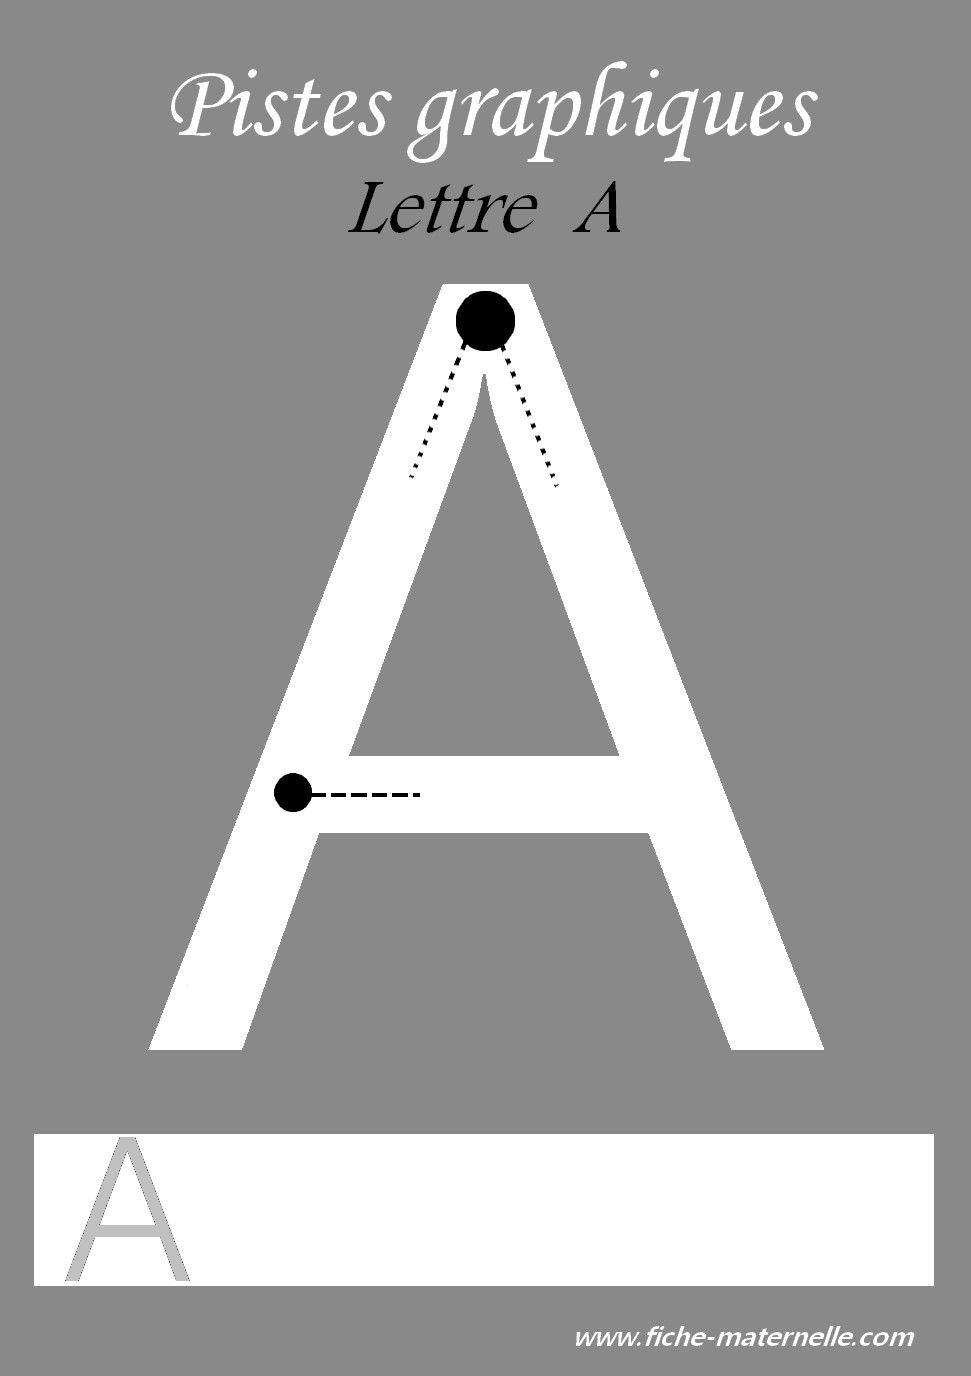 Des pistes graphiques plastifier pour apprendre crire les lettres de l 39 alphabet ecole - Apprendre a broder des lettres ...